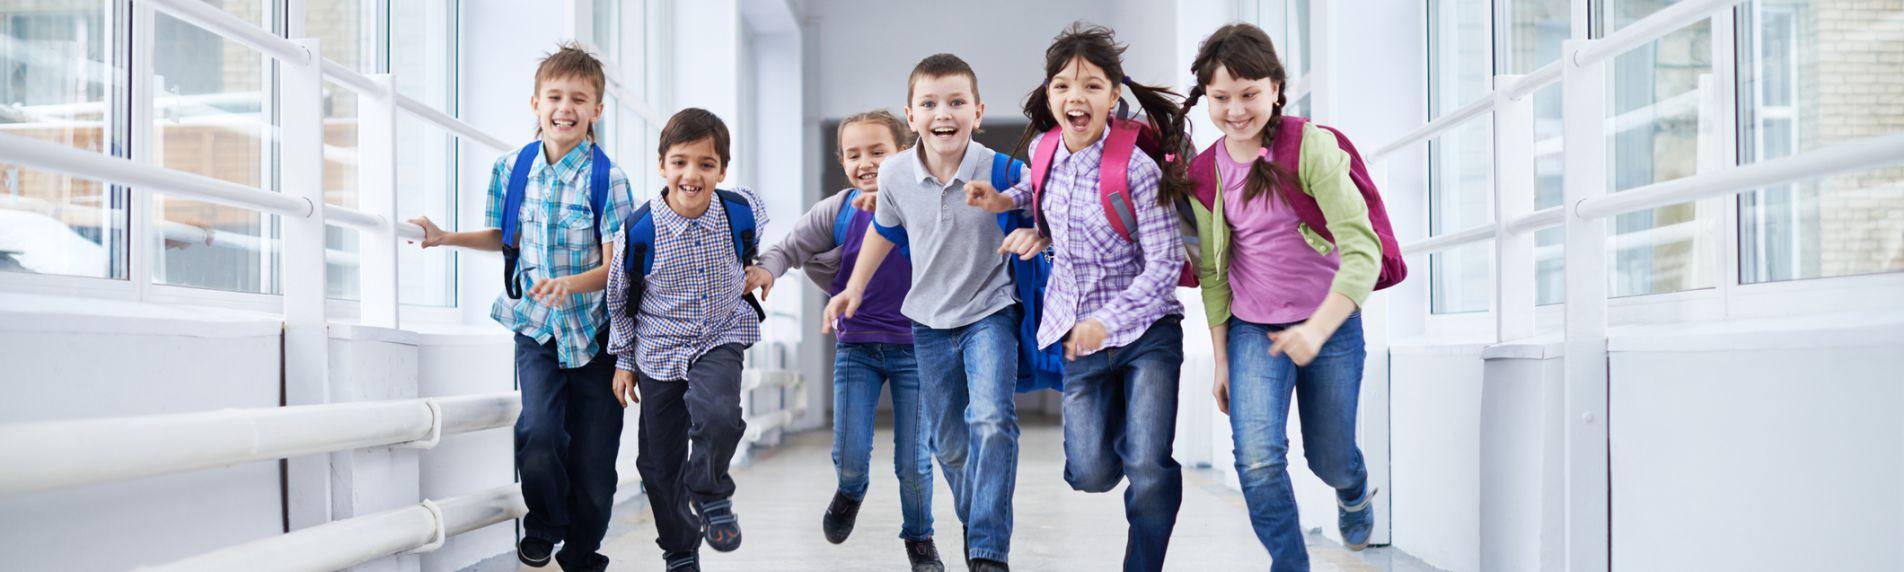 School aged children running down hall